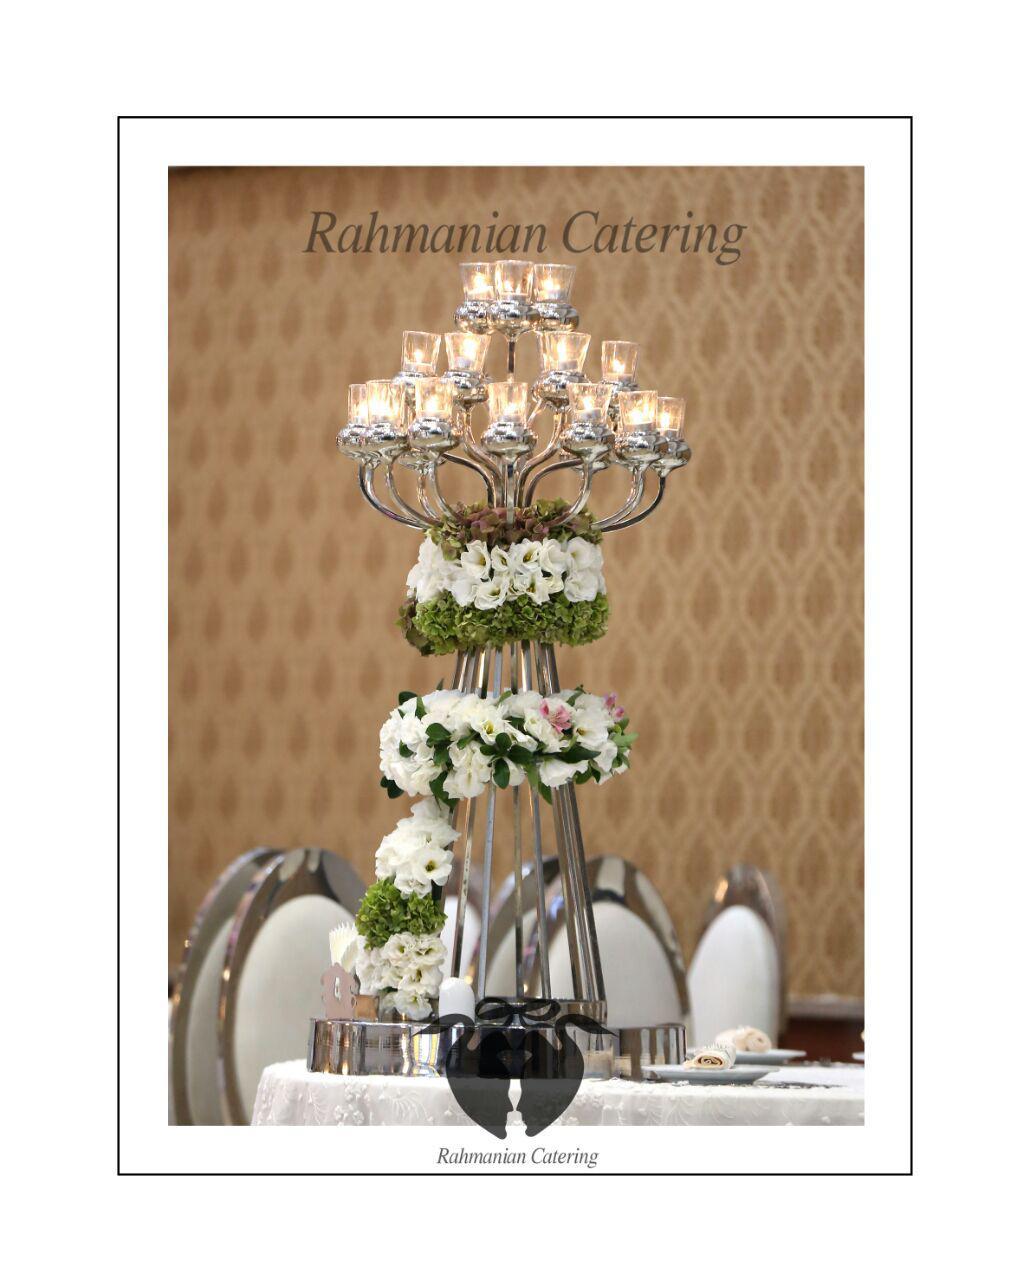 تشریفات رحمانیان   شمع آرایی عروسی